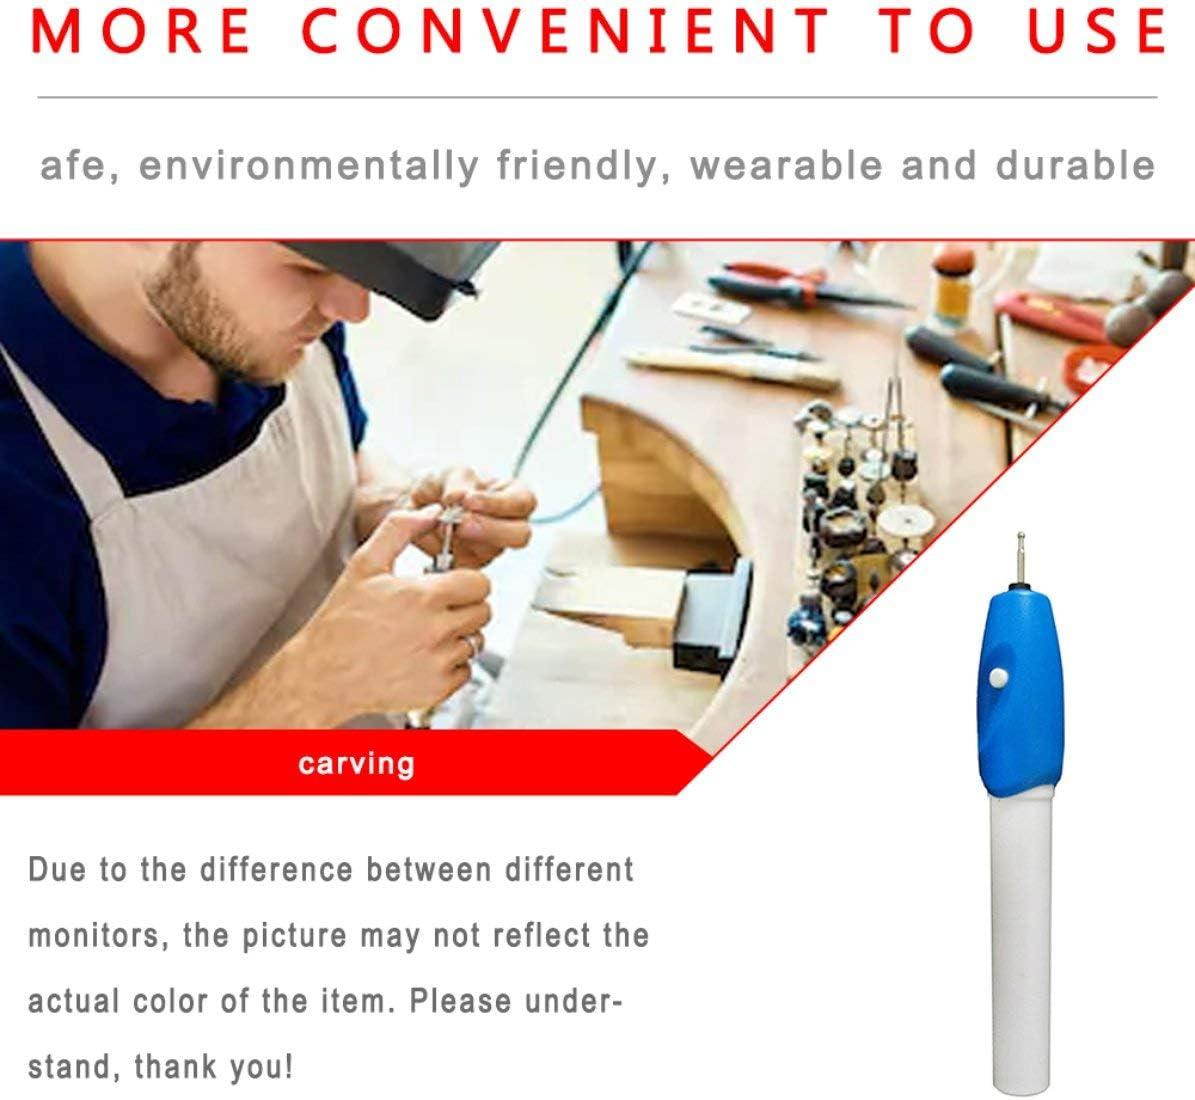 Diy Schnurloser Mini-Elektrogravurstift Schnitzwerkzeug f/ür Schmuck Kunststoff Metall Holz Glas Automatischer Gravurstift blau + wei/ß Sunnyflowk 1 Stk